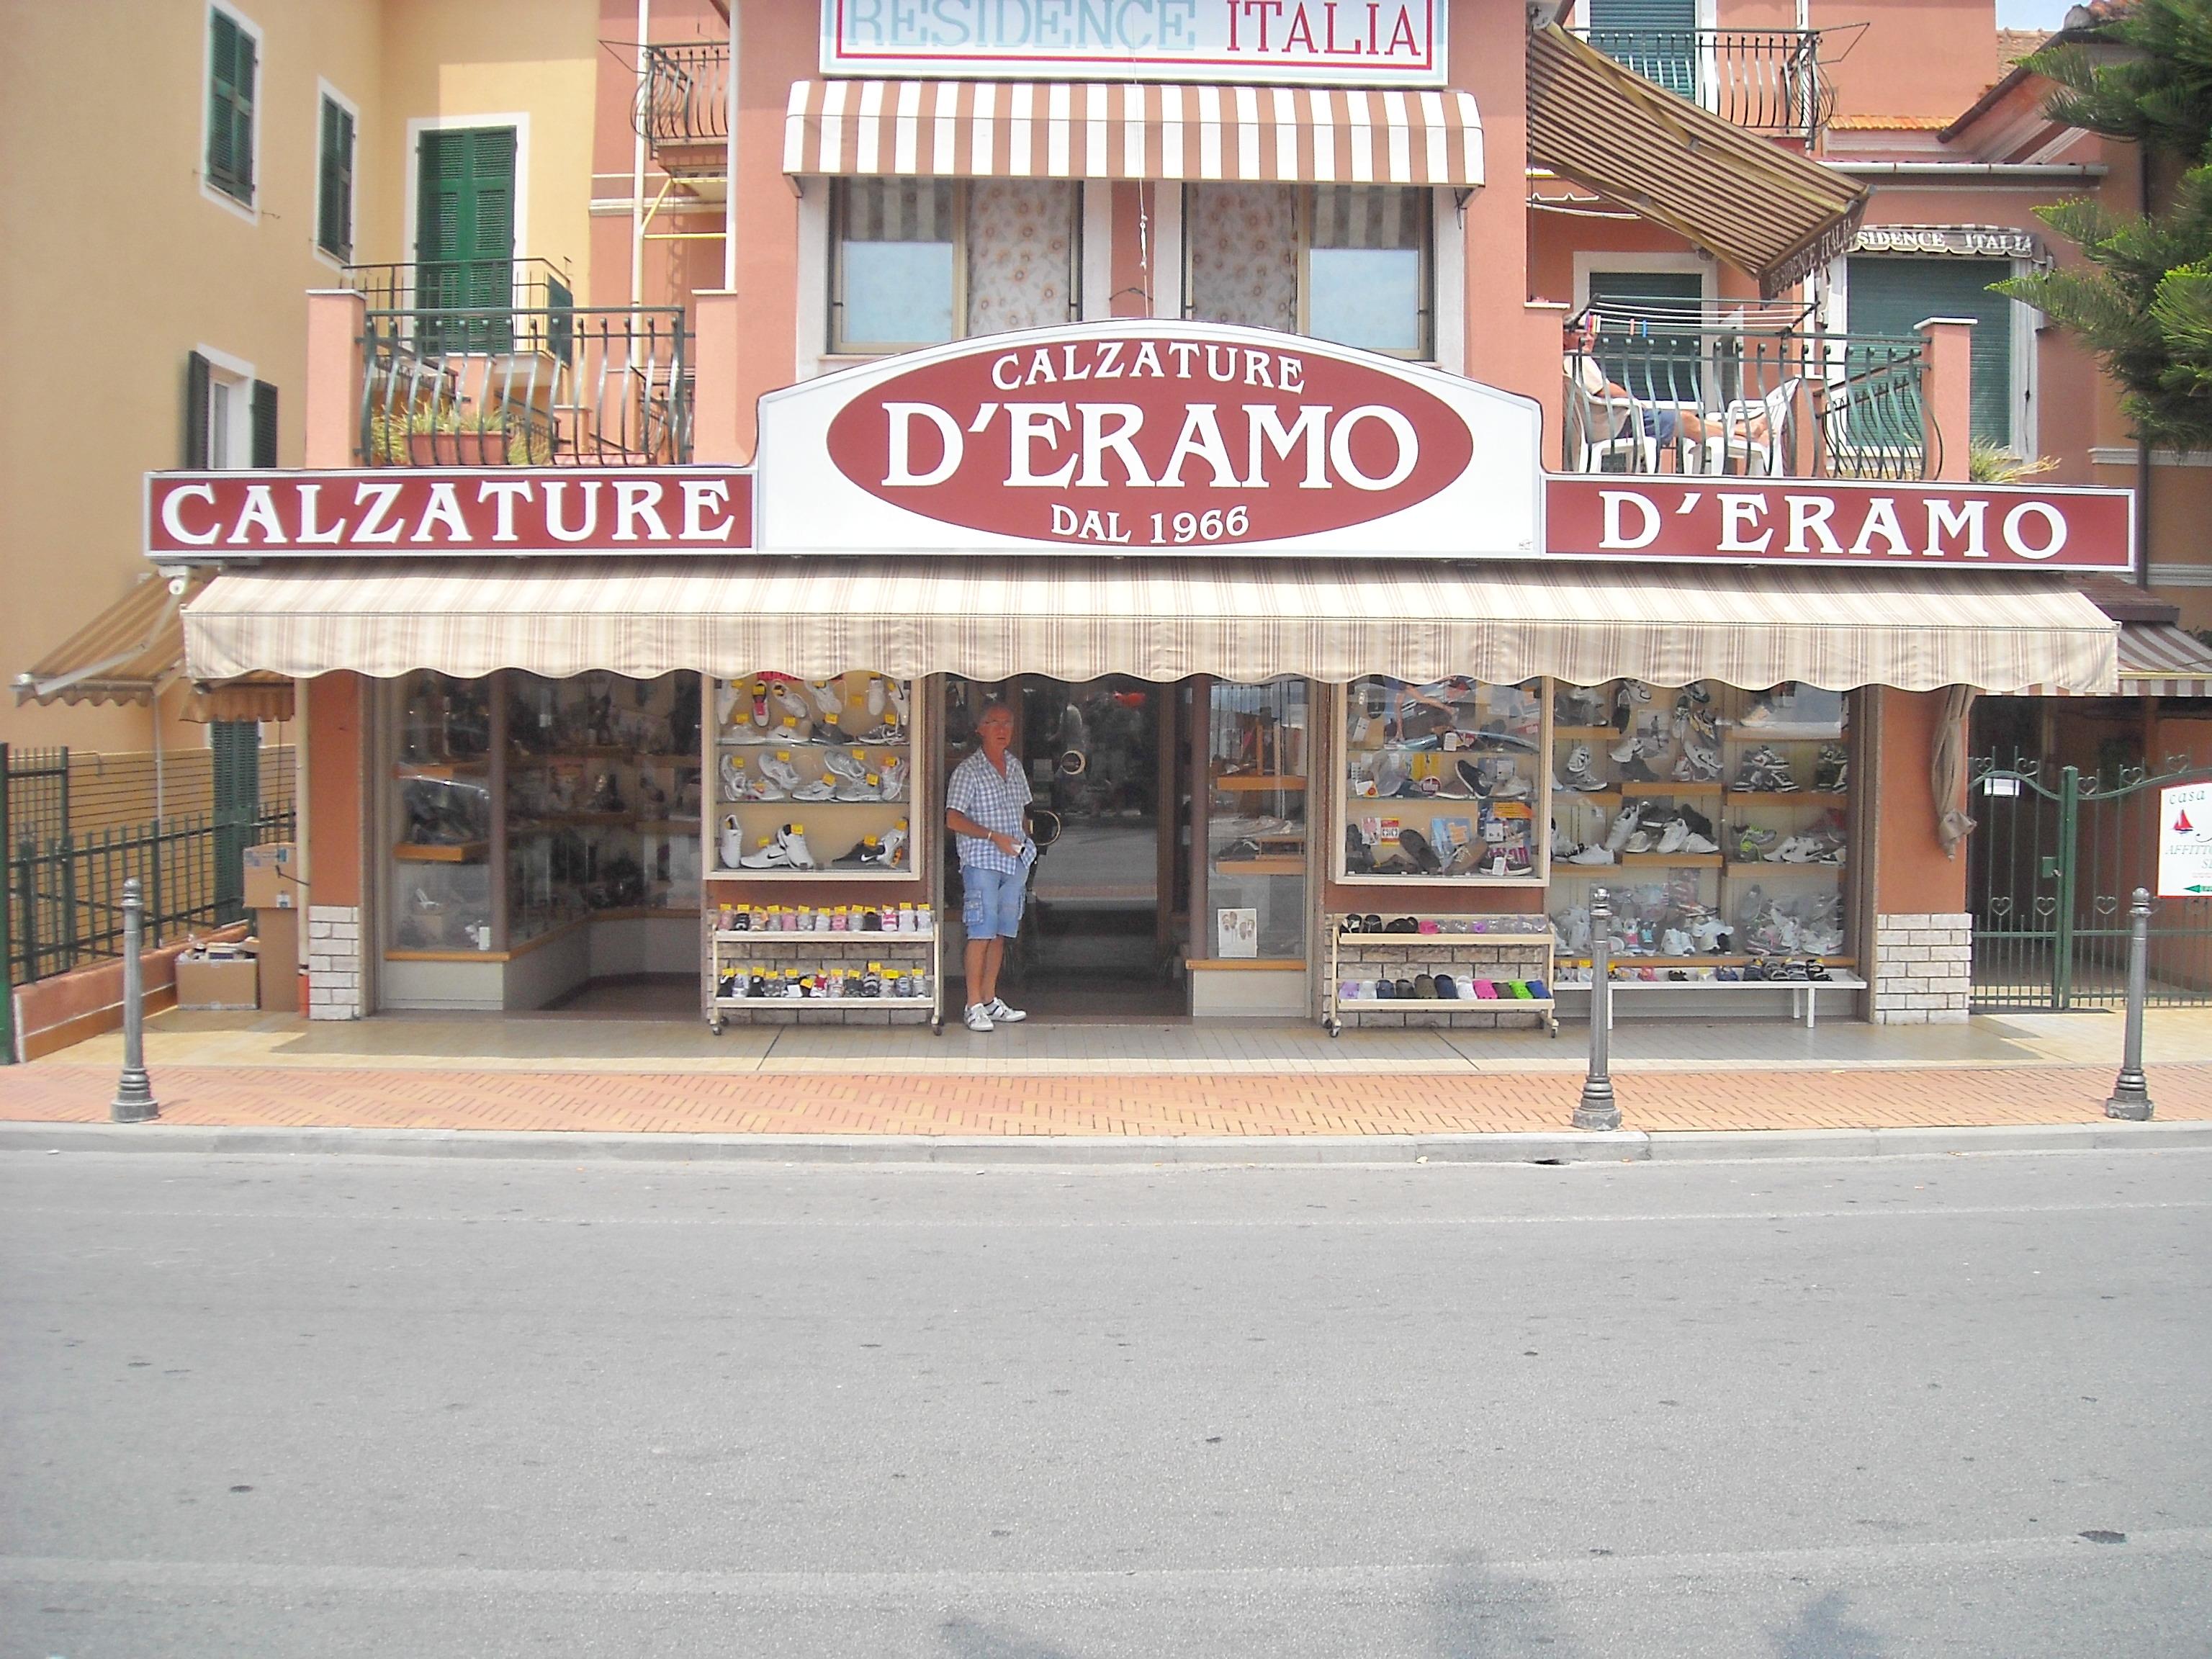 Appartamenti casevacanze, Residence Italia di Pietra Ligure,